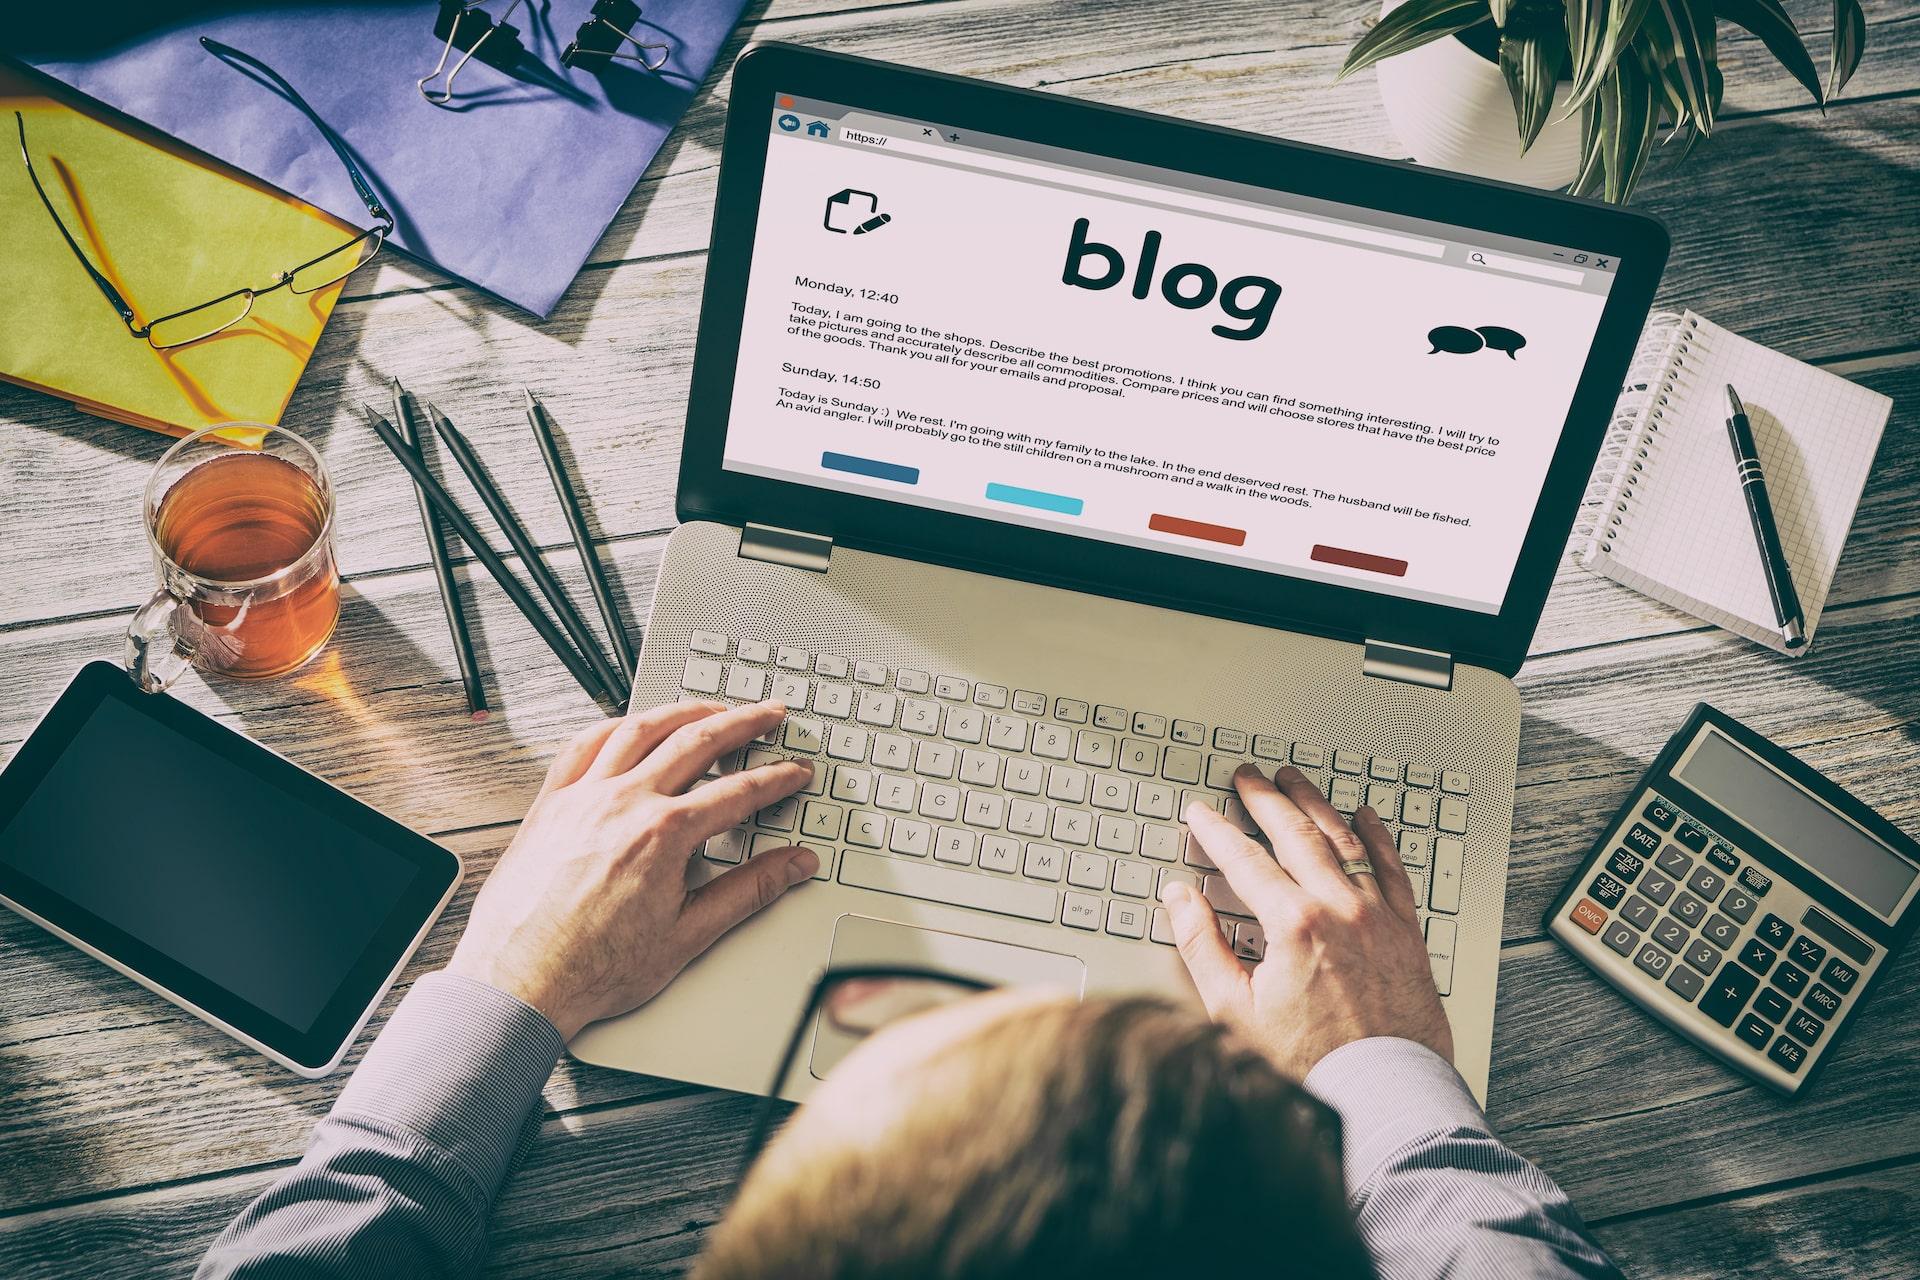 Comment détecter un blogueur influent dans le cadre d'une campagne RP ?